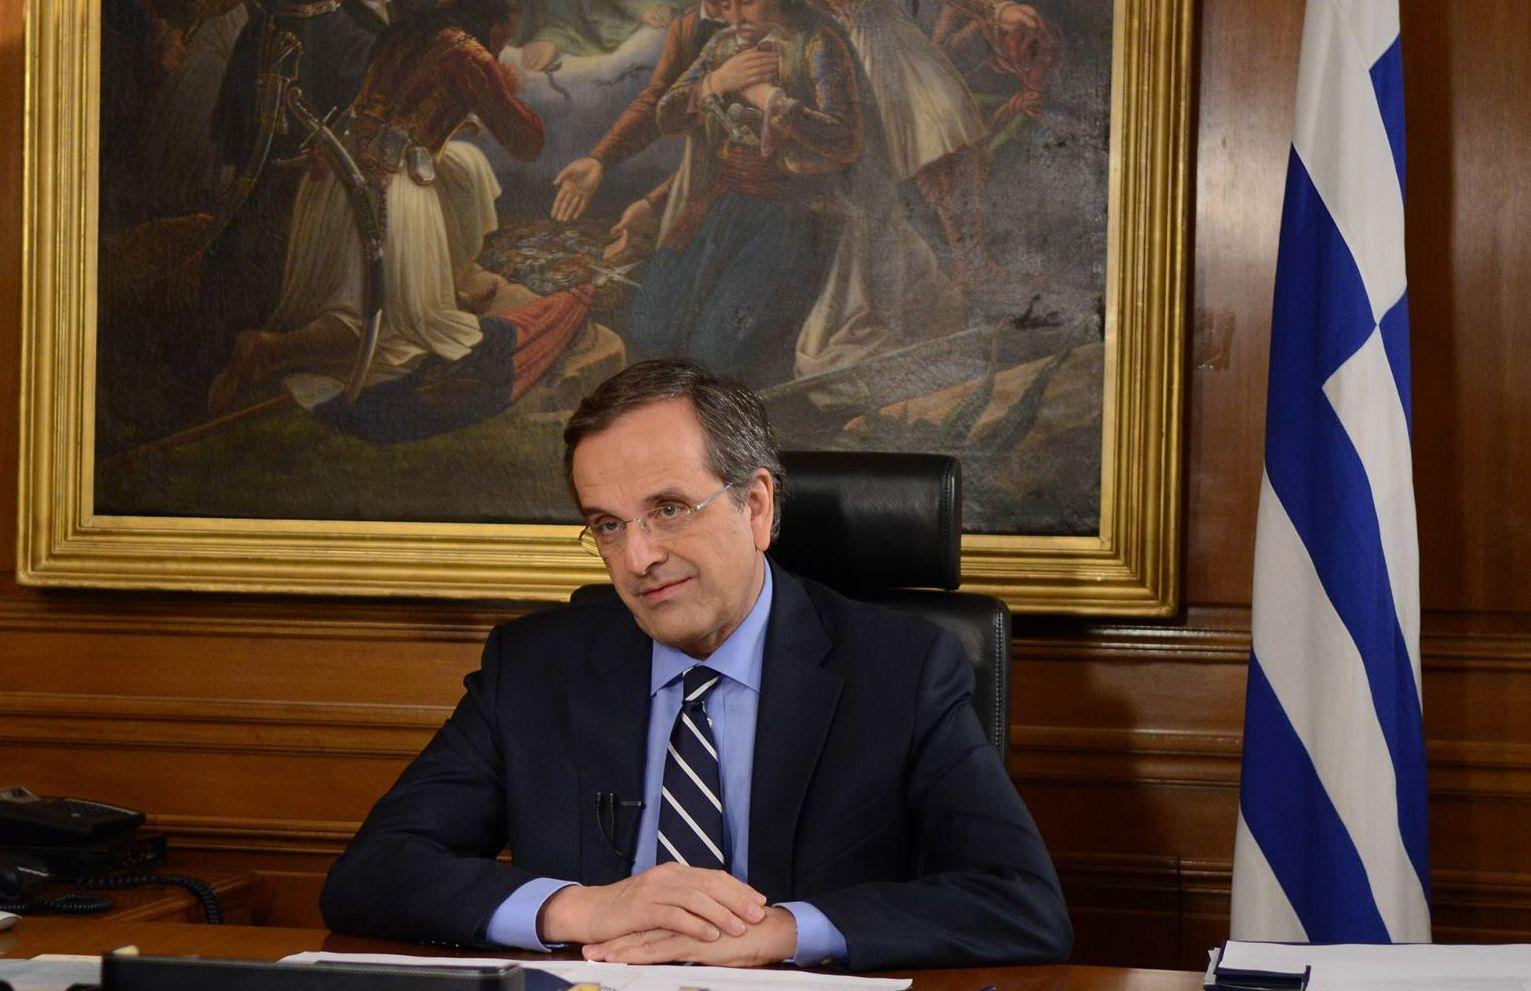 Συνάντηση του Άρη με τον πρωθυπουργό! Τετ α τετ και με τον Βενιζέλο!